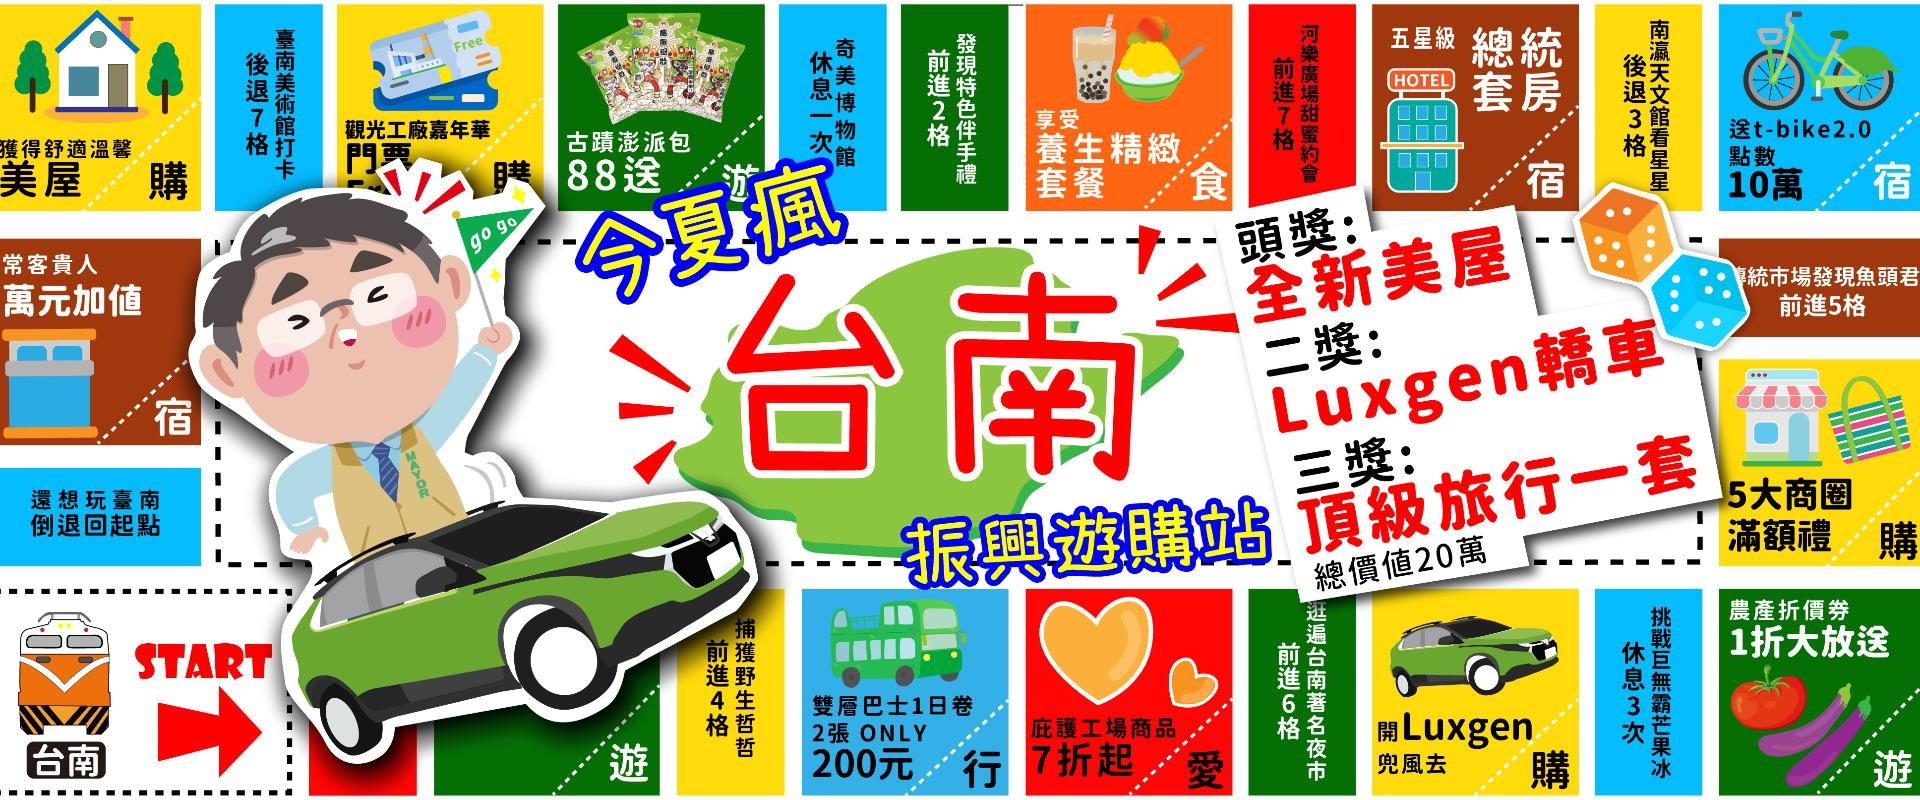 台南市振興券加碼